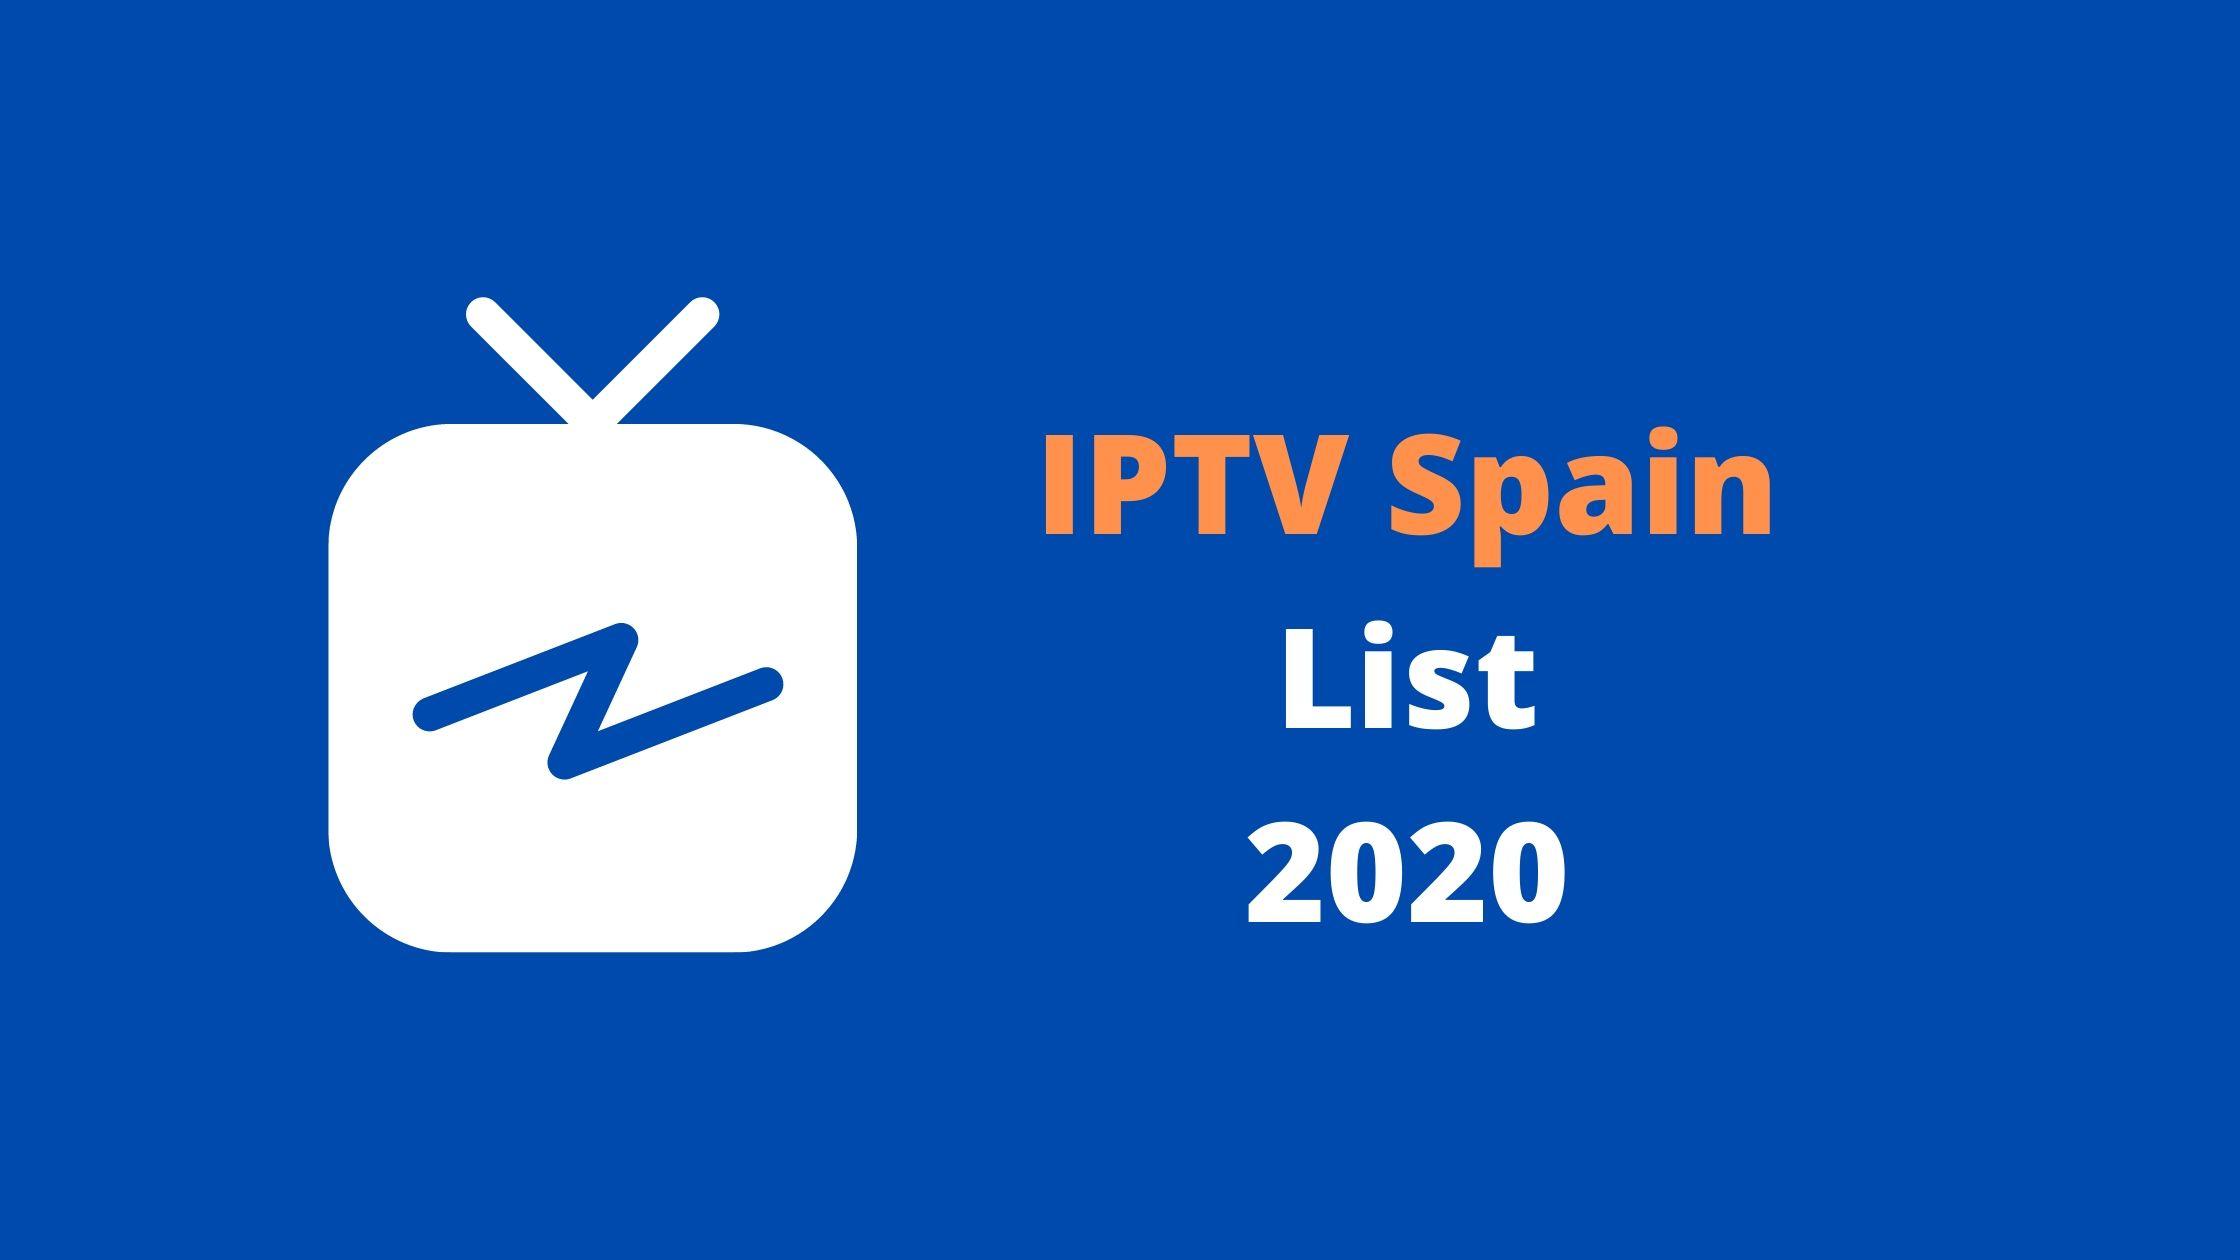 iptv-spanish-list